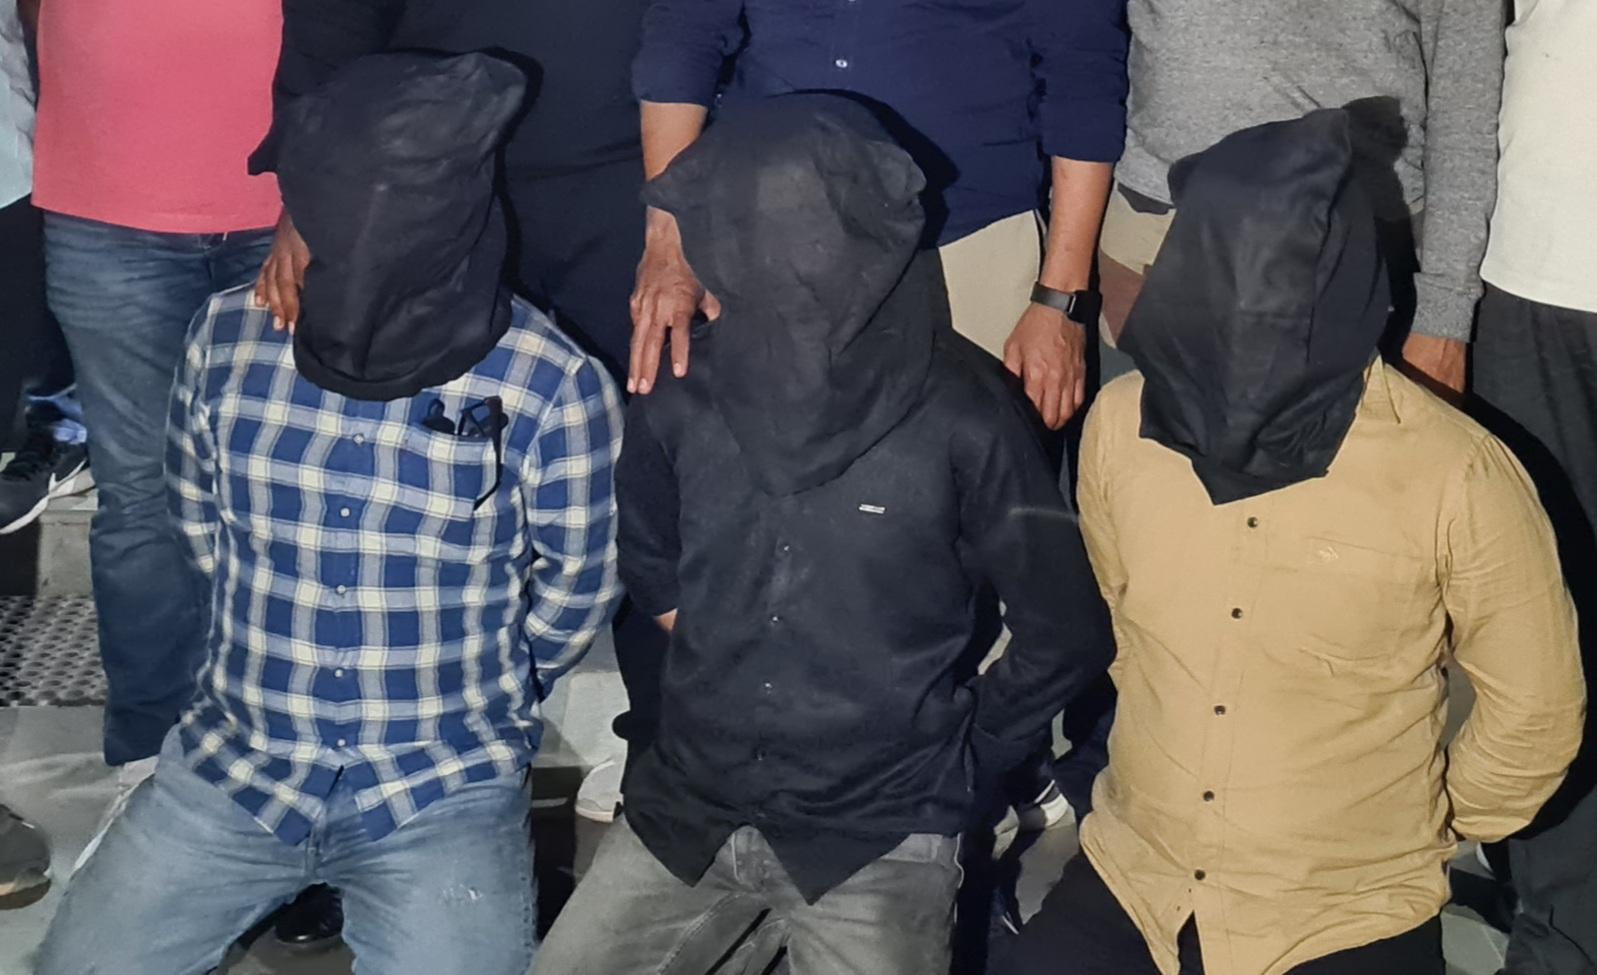 વકીલ કિરીટ જોશીની હત્યા મામલે કોરોના પોઝિટિવ ત્રણ આરોપીઓને વિડીયો કોલ દ્વારા કોર્ટમાં રજુ કરાયા, સારવાર બાદ જેલ હવાલે કરાશે|જામનગર,Jamnagar - Divya Bhaskar